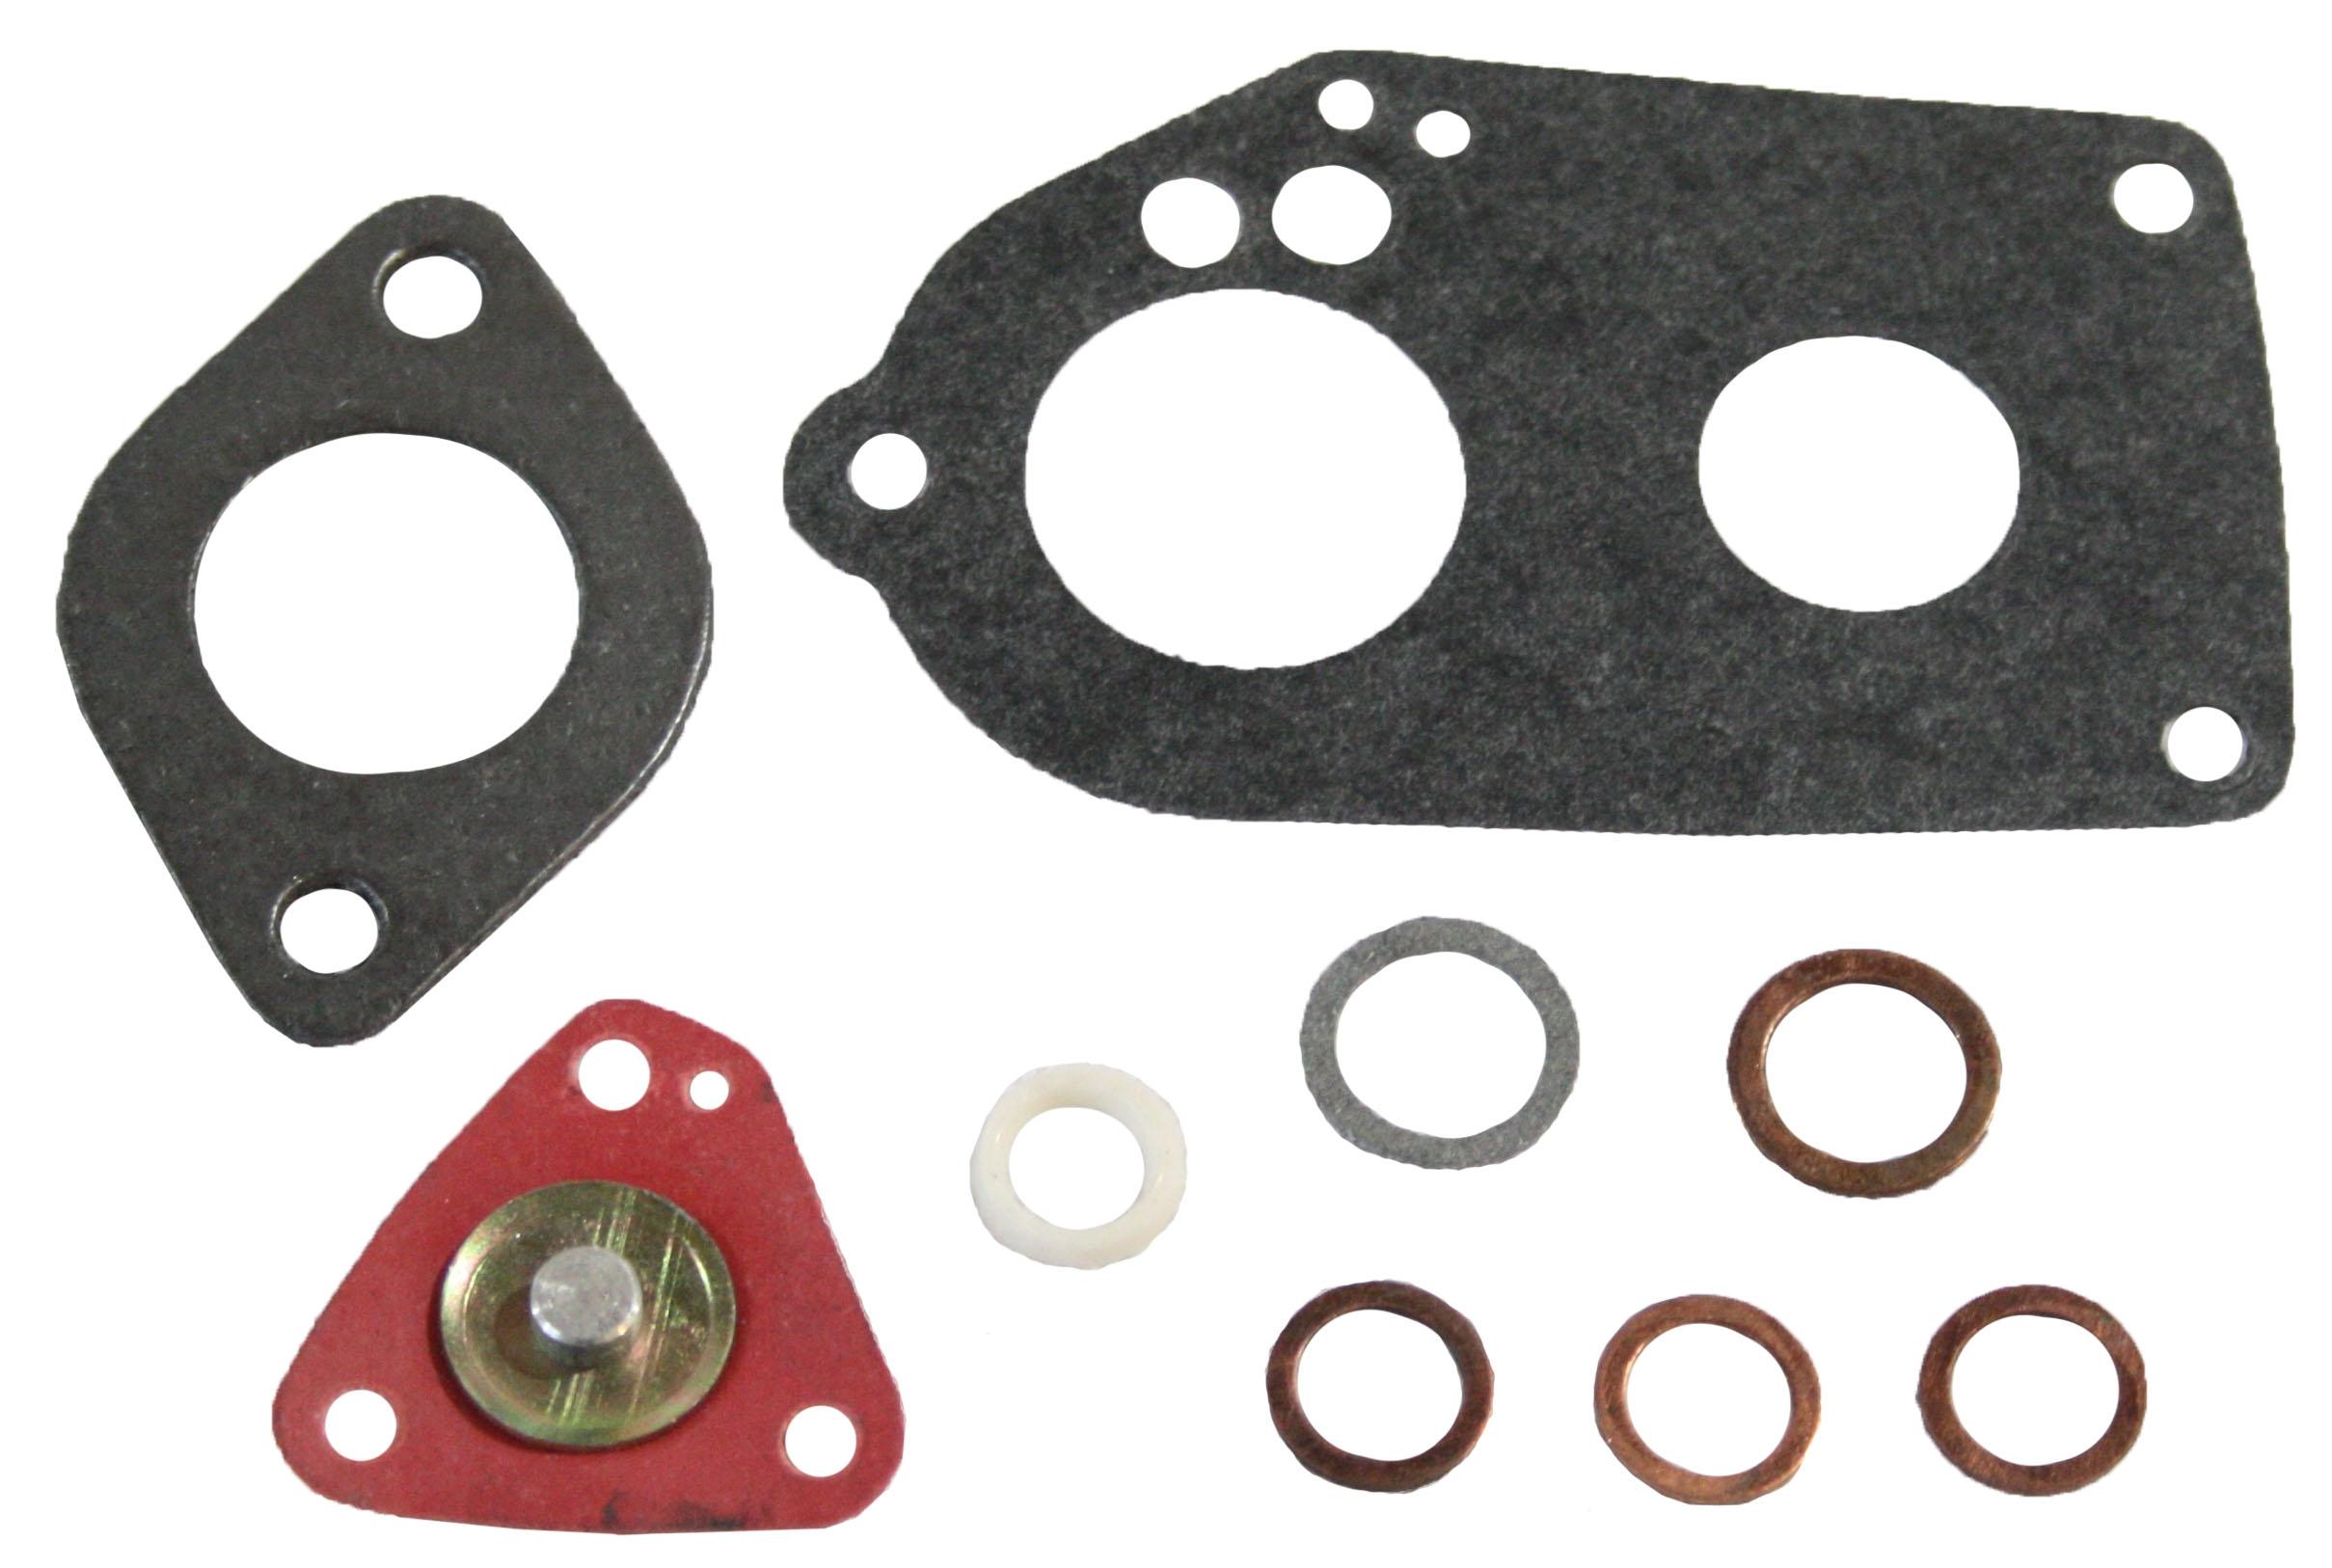 Kit Reparation Carburateur Solex 22 Icbt 4cv Renel Auto Accessoires